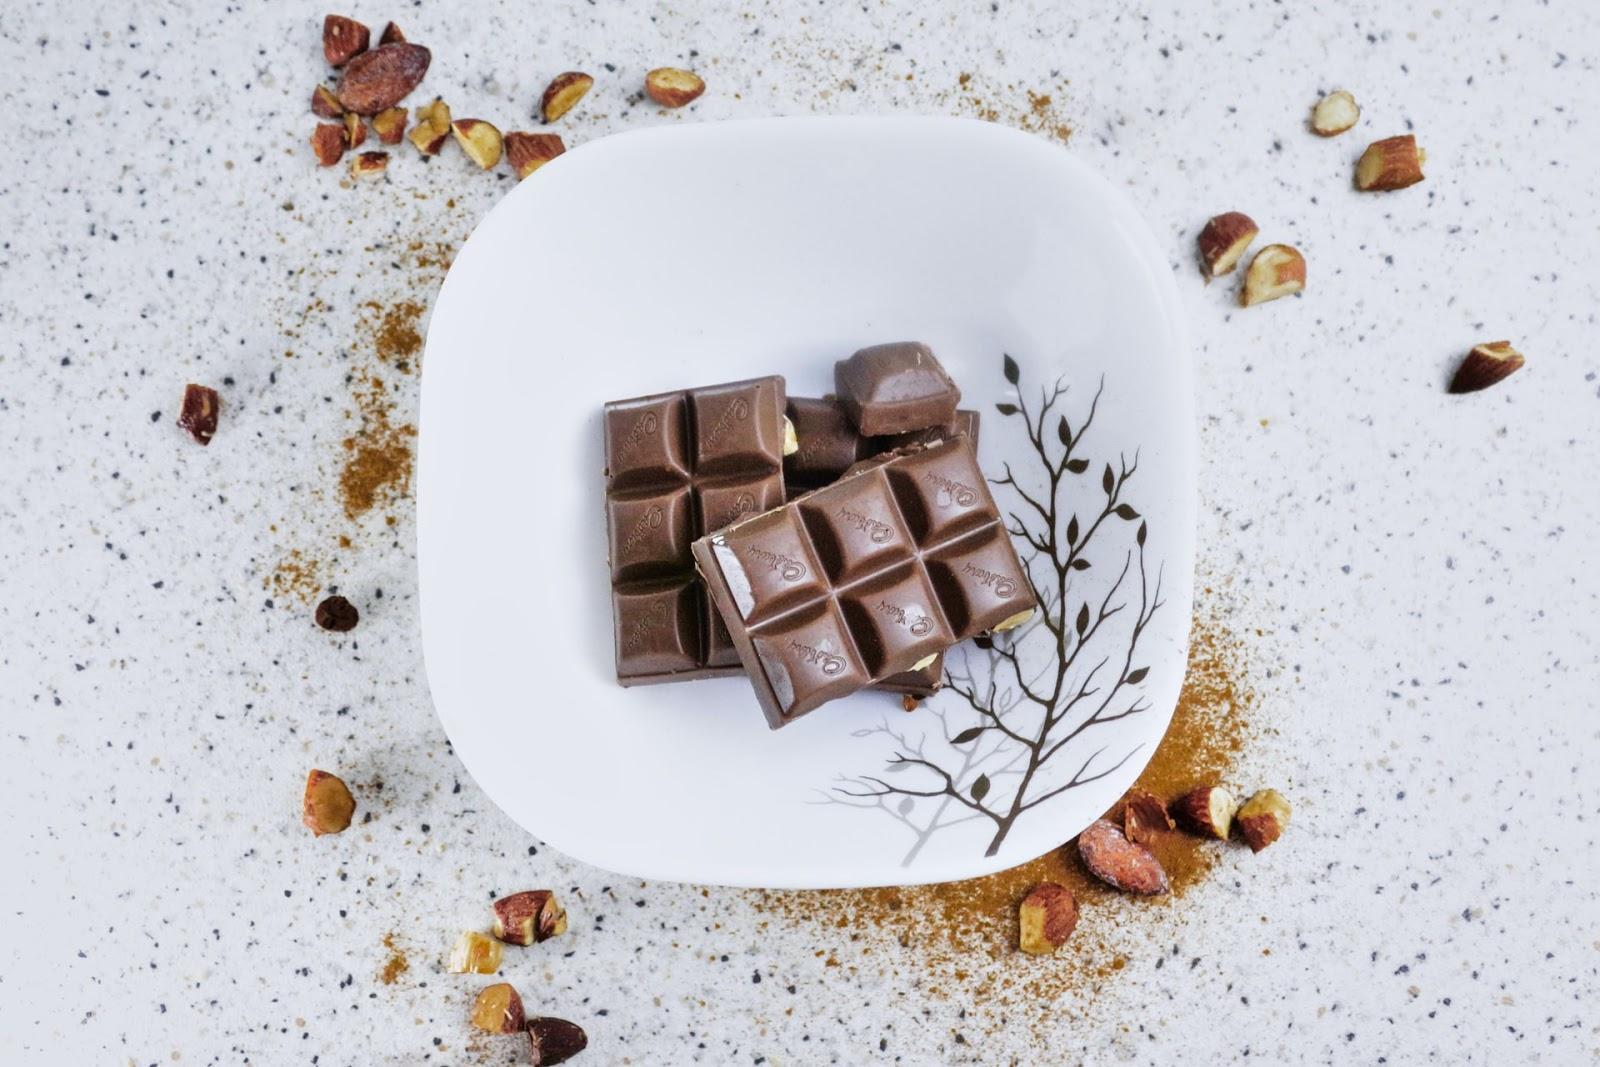 Chocolates com alto teor fazem bem para o cérebro (Imagem: Burhanuddin Rabbani/Unsplash)